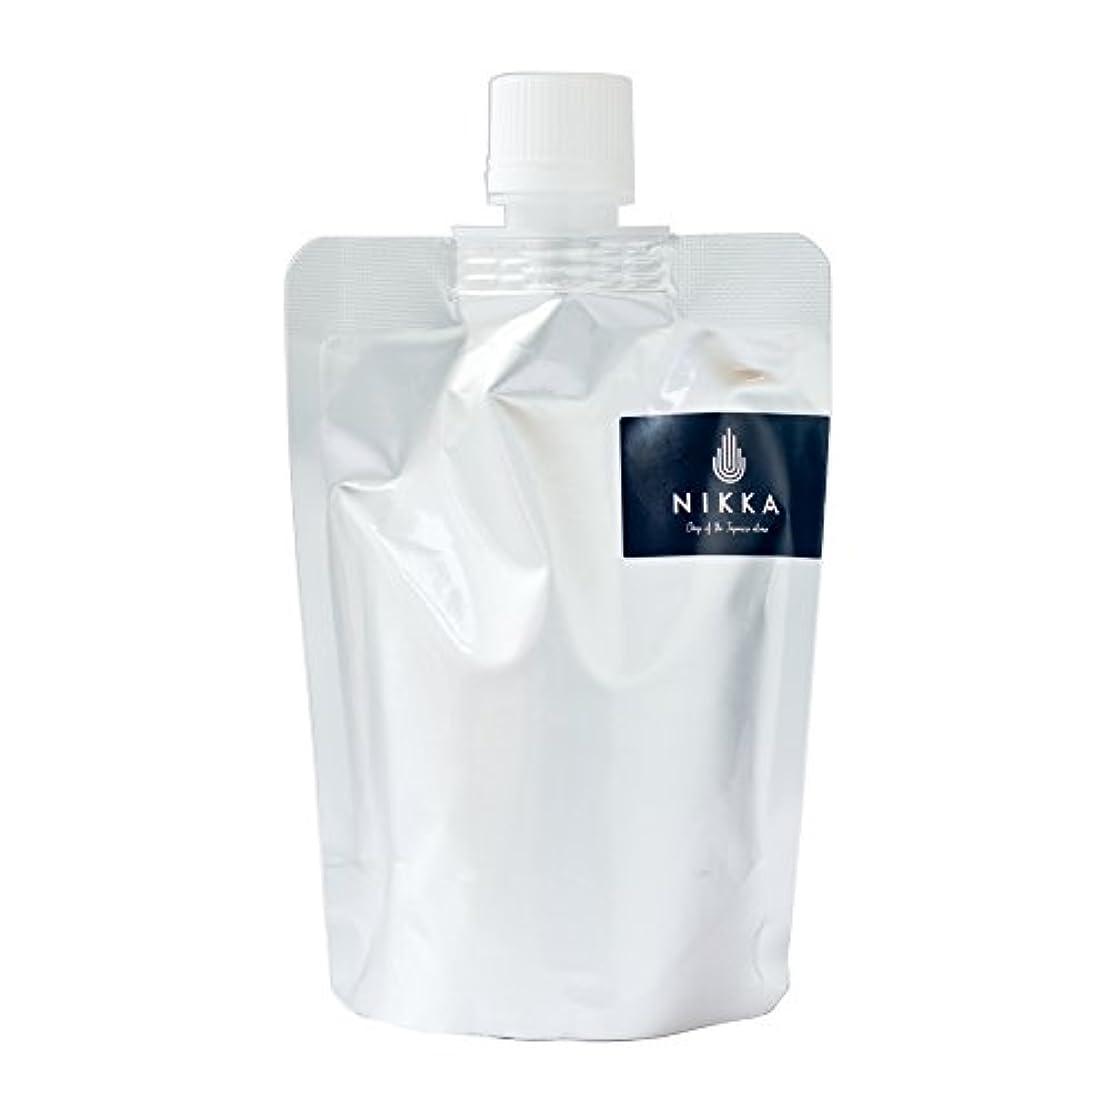 コマンド貫通ミュウミュウNIKKA エッセンシャルオイル希釈液 ひのきしずく (パウチ詰替150ml)